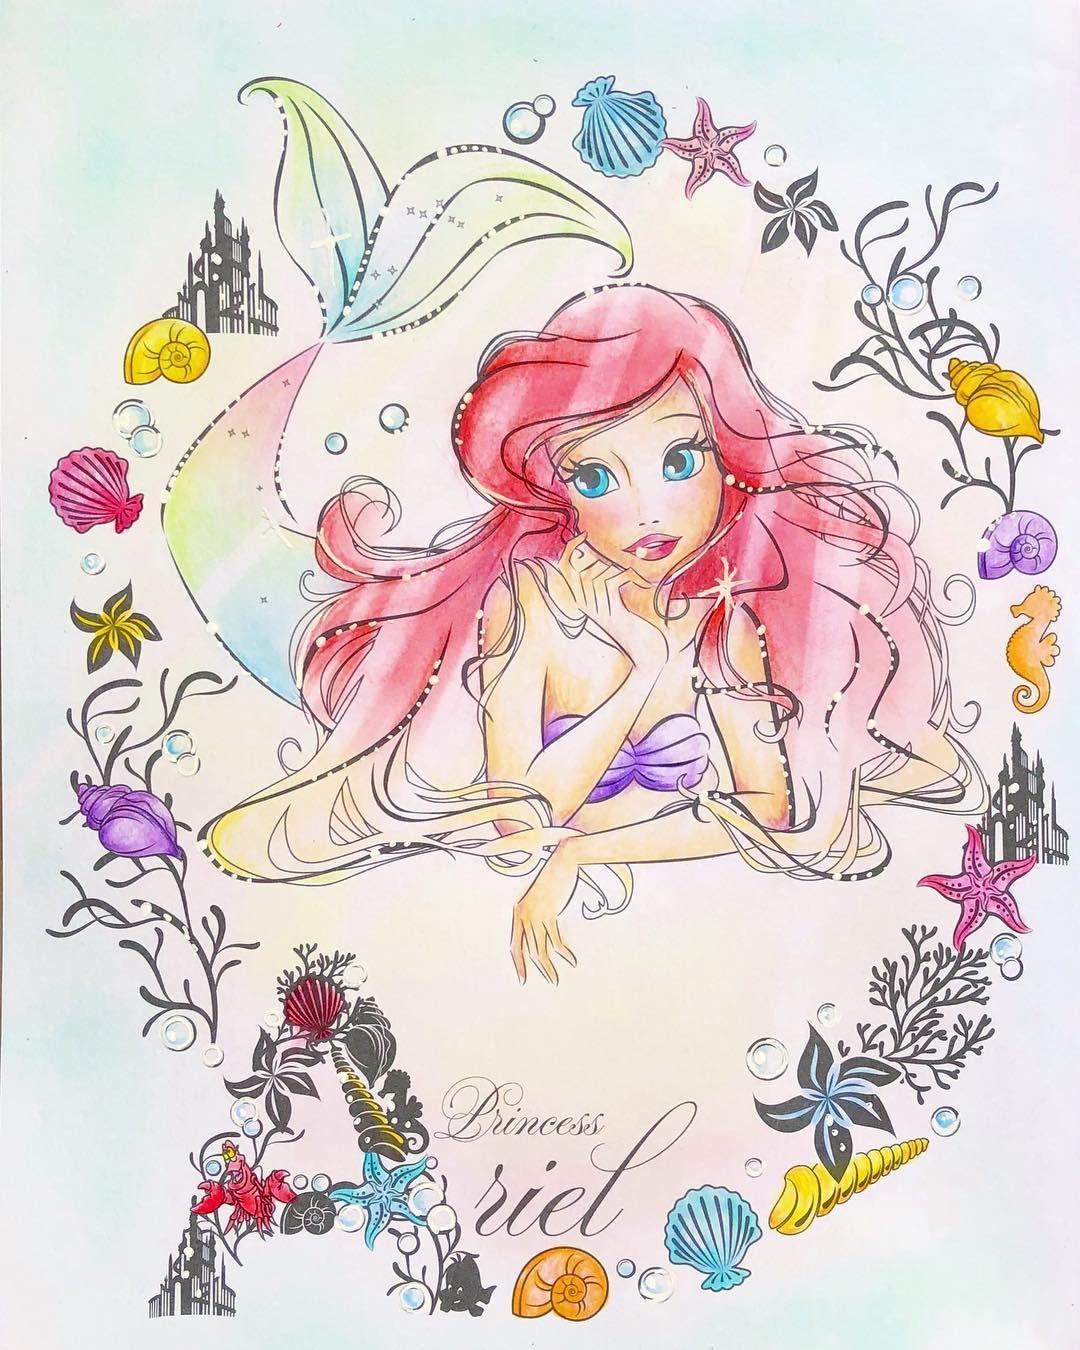 大きさがおかしかったのでサイズ変更しました 先程いいねくださった方すみません 久しぶりに塗り絵できました アートぬりえをセリアで購入できたのでサクッと 相変わらず色薄めです 大人の塗り絵 塗り絵 C Disney Princess Drawings Disney Artwork Disney